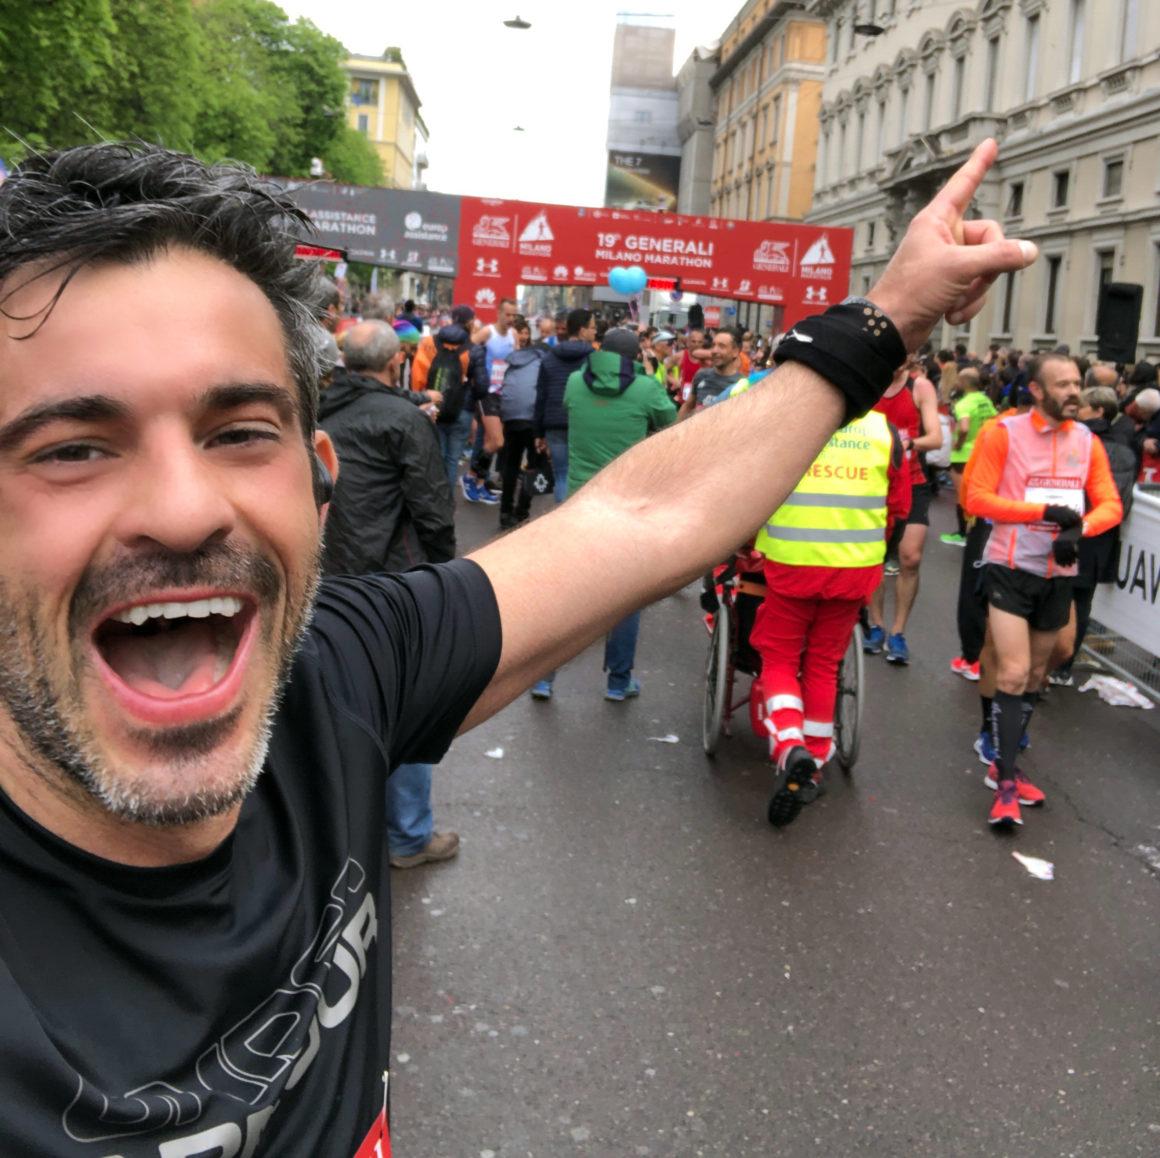 Maratón de Milán - Milan Marathon Maratona maratón de milán - maraton de milan milano maratona marathon italy italia 01 1160x1158 - Maratón de Milán: análisis, recorrido, entrenamiento y recomendaciones de viaje